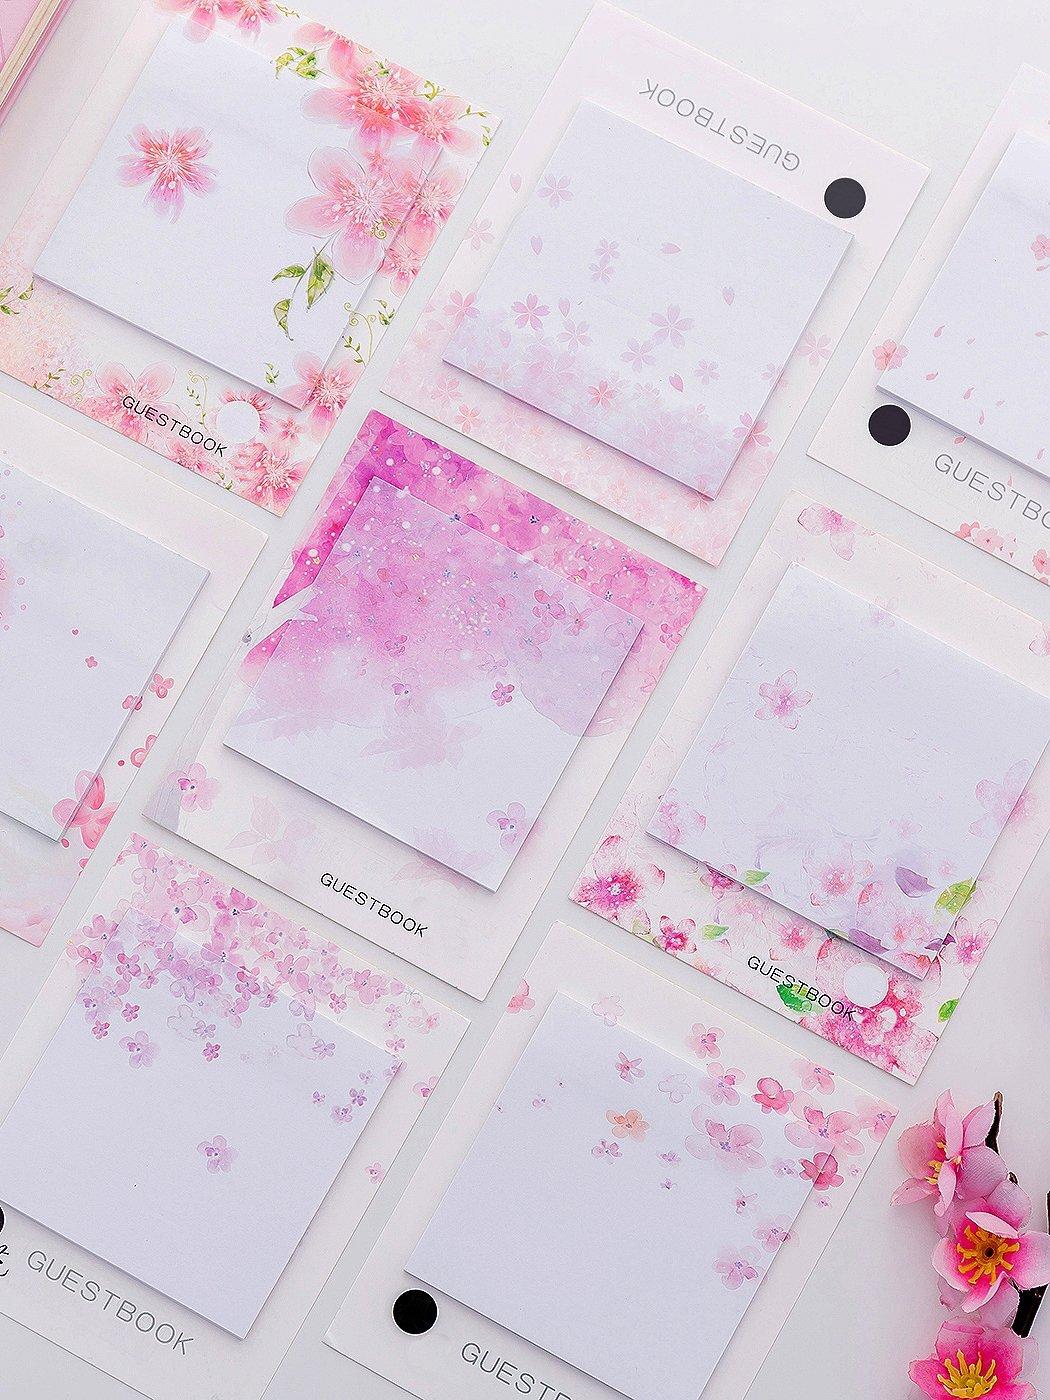 Купить 3 шт Клейкая бумага для заметок с рисунками случаёных цветов 30 листьев, null, SheIn